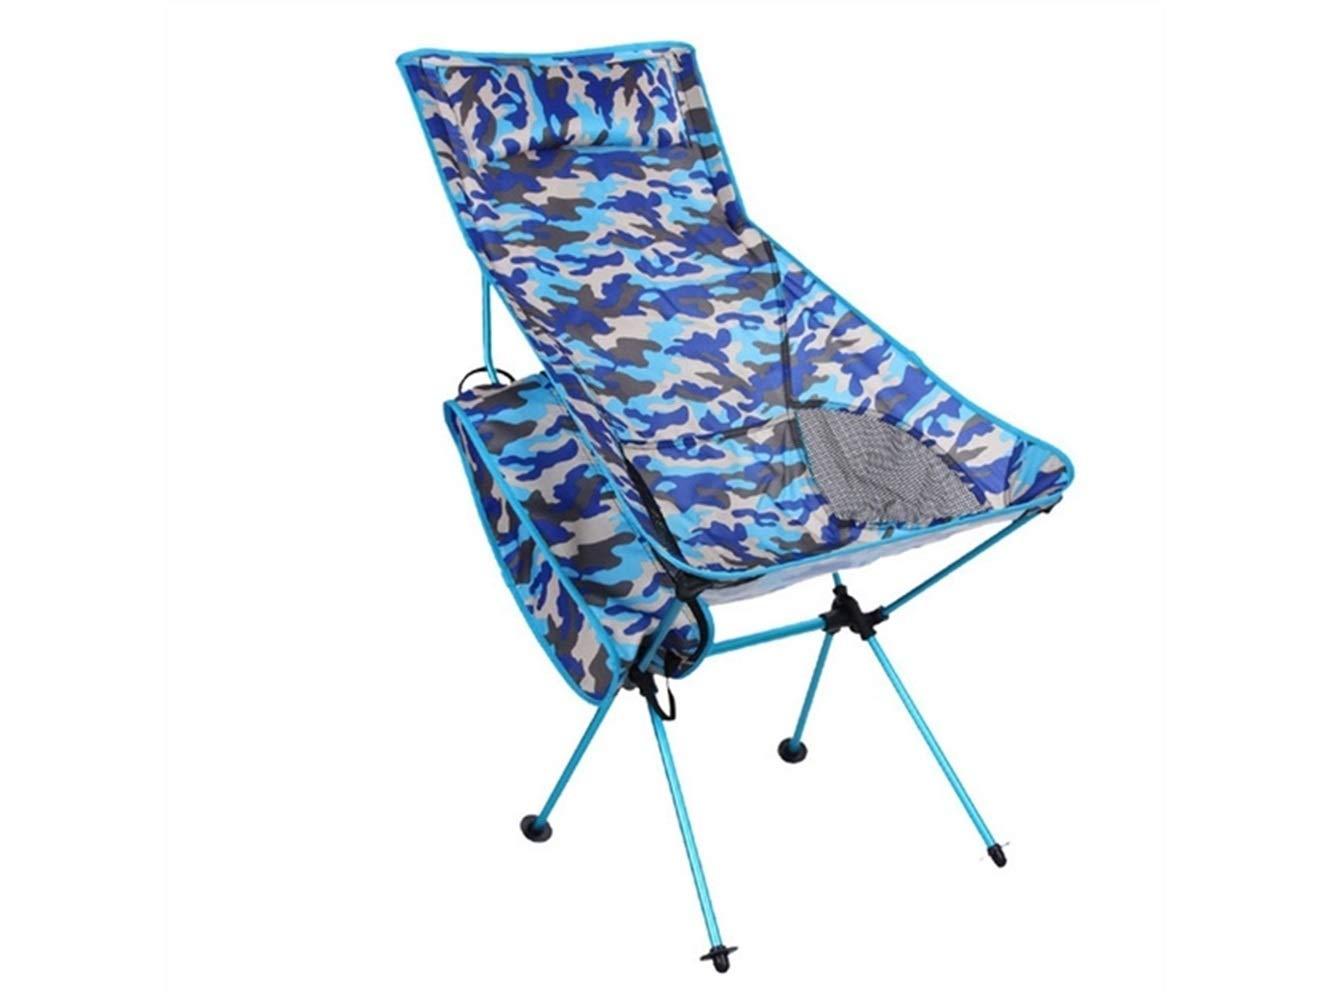 LMKIJN Bequemer Stuhl Tragbare Klapp Angeln Stuhl Liege Camping Stuhl für Outdoor und Angeln (Camouflage Blau) für den Urlaub